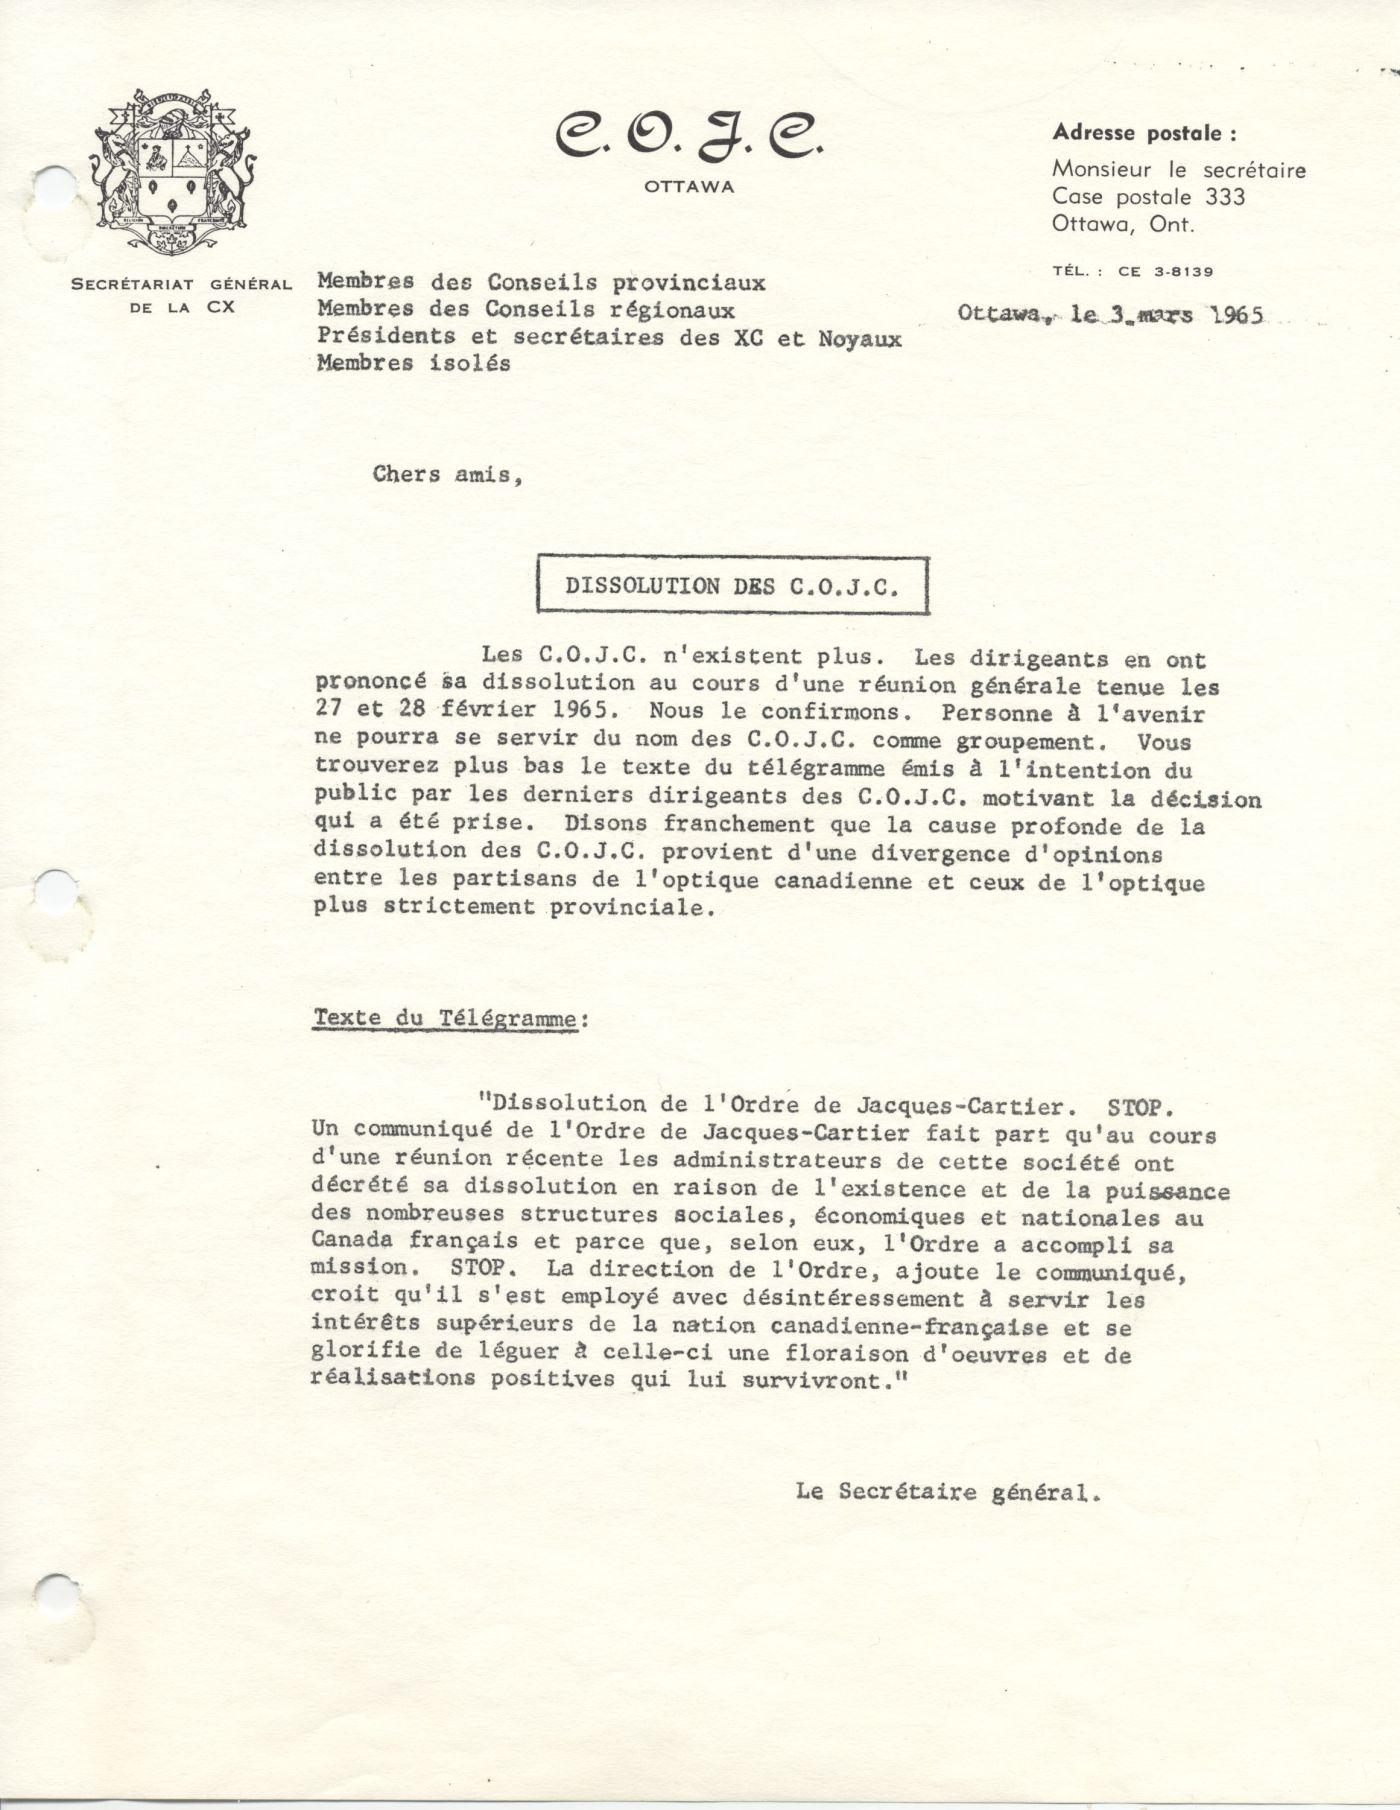 Texte dactylographié, en français, sur papier à en-tête de l'Ordre des commandeurs de Jacques-Cartier (O.C.J.C.), incluant les armoiries de l'Ordre. Le document, qui comporte la transcription d'un télégramme venant de l'OJC, est signé par le secrétaire général de l'Ordre.